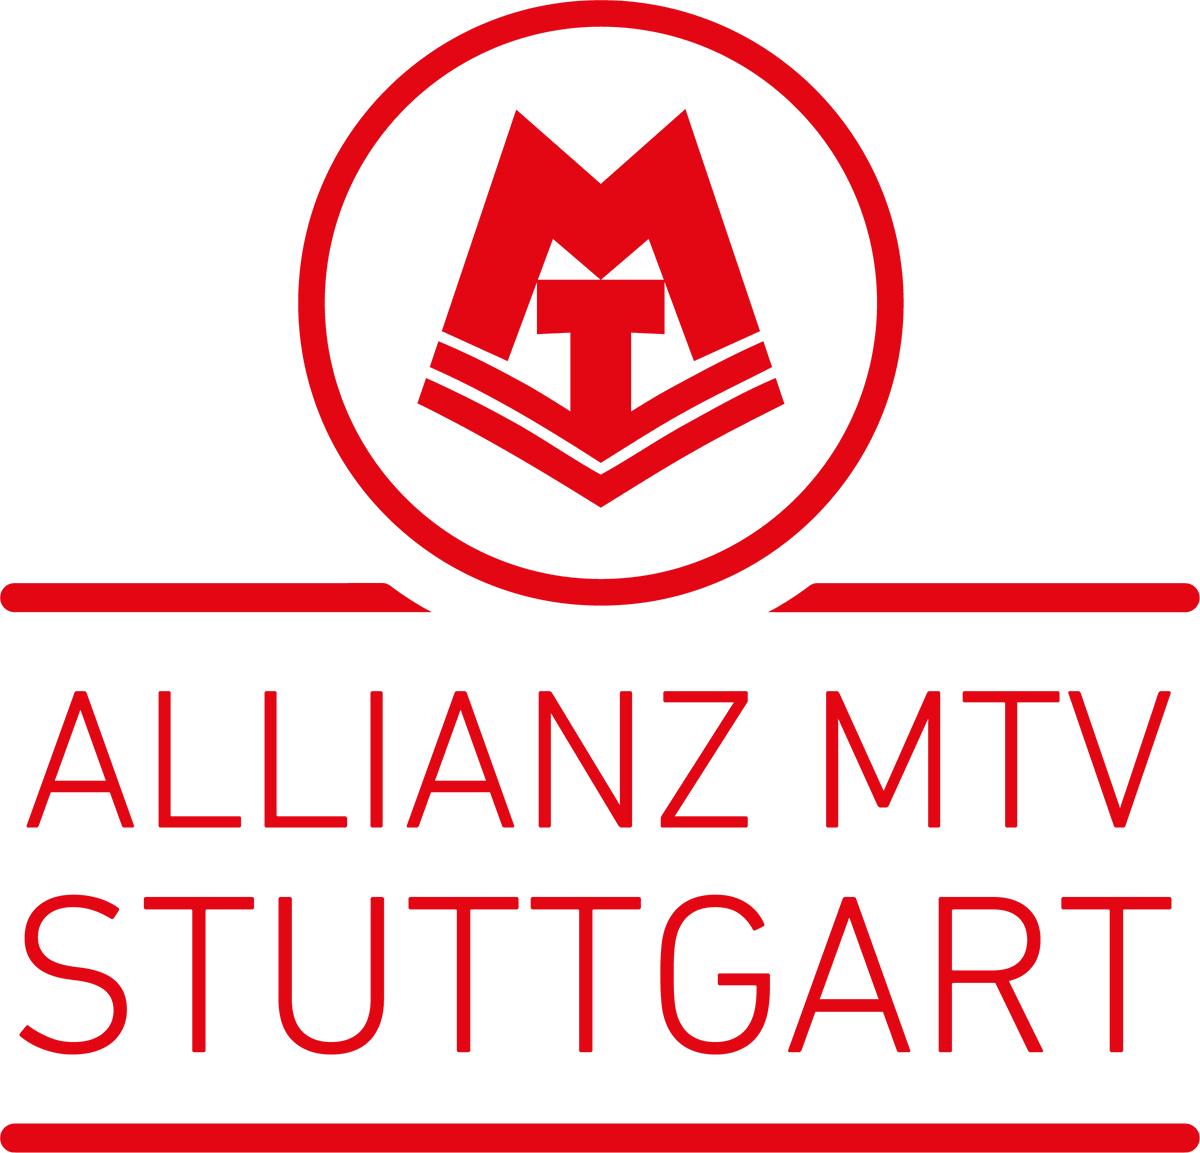 Allianz MTV STUTTGART (Германия)